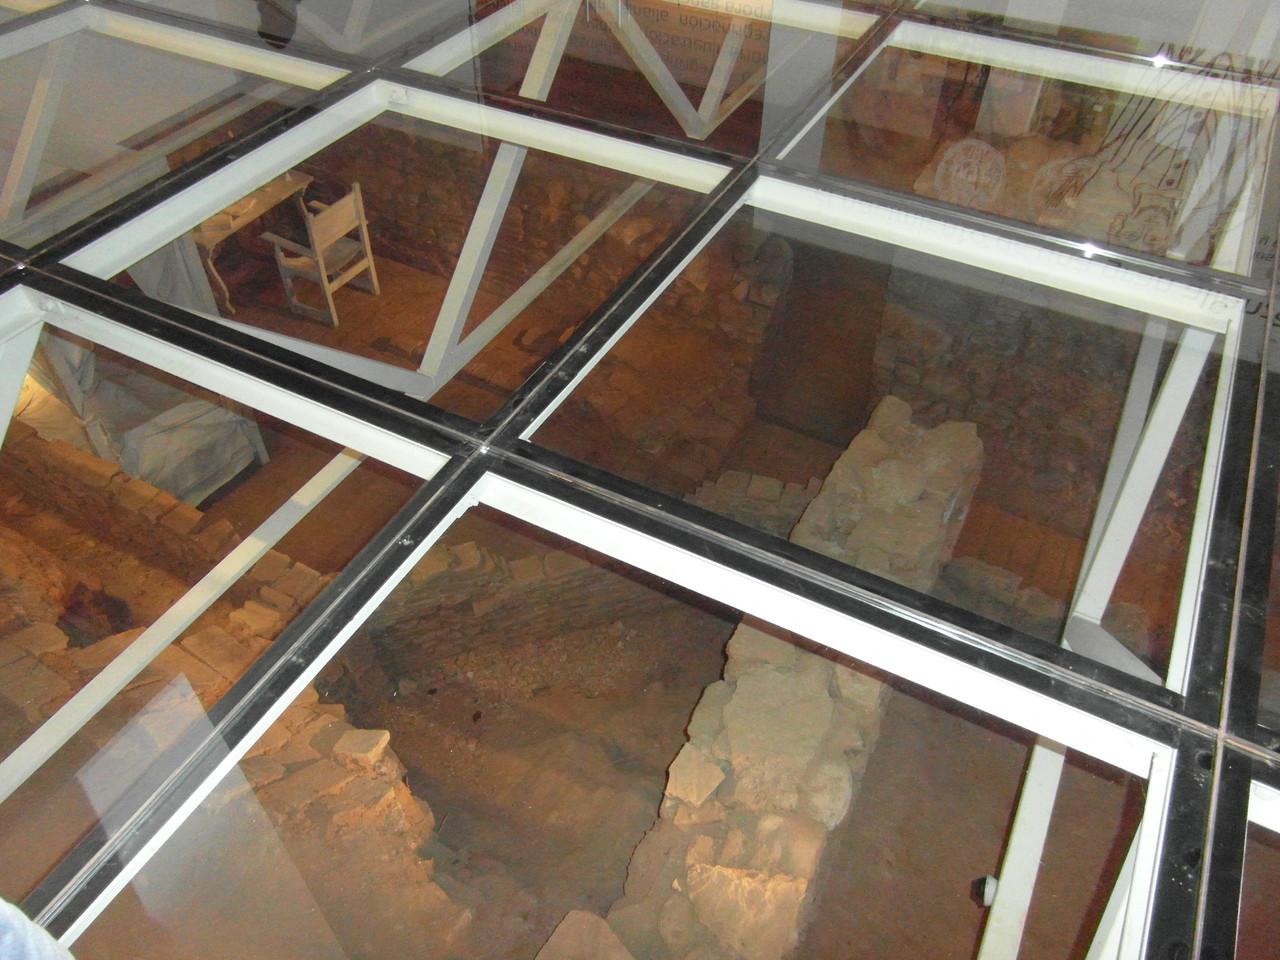 Vista detalle, se anda sobre los restos del monasterio, sobre cristal.